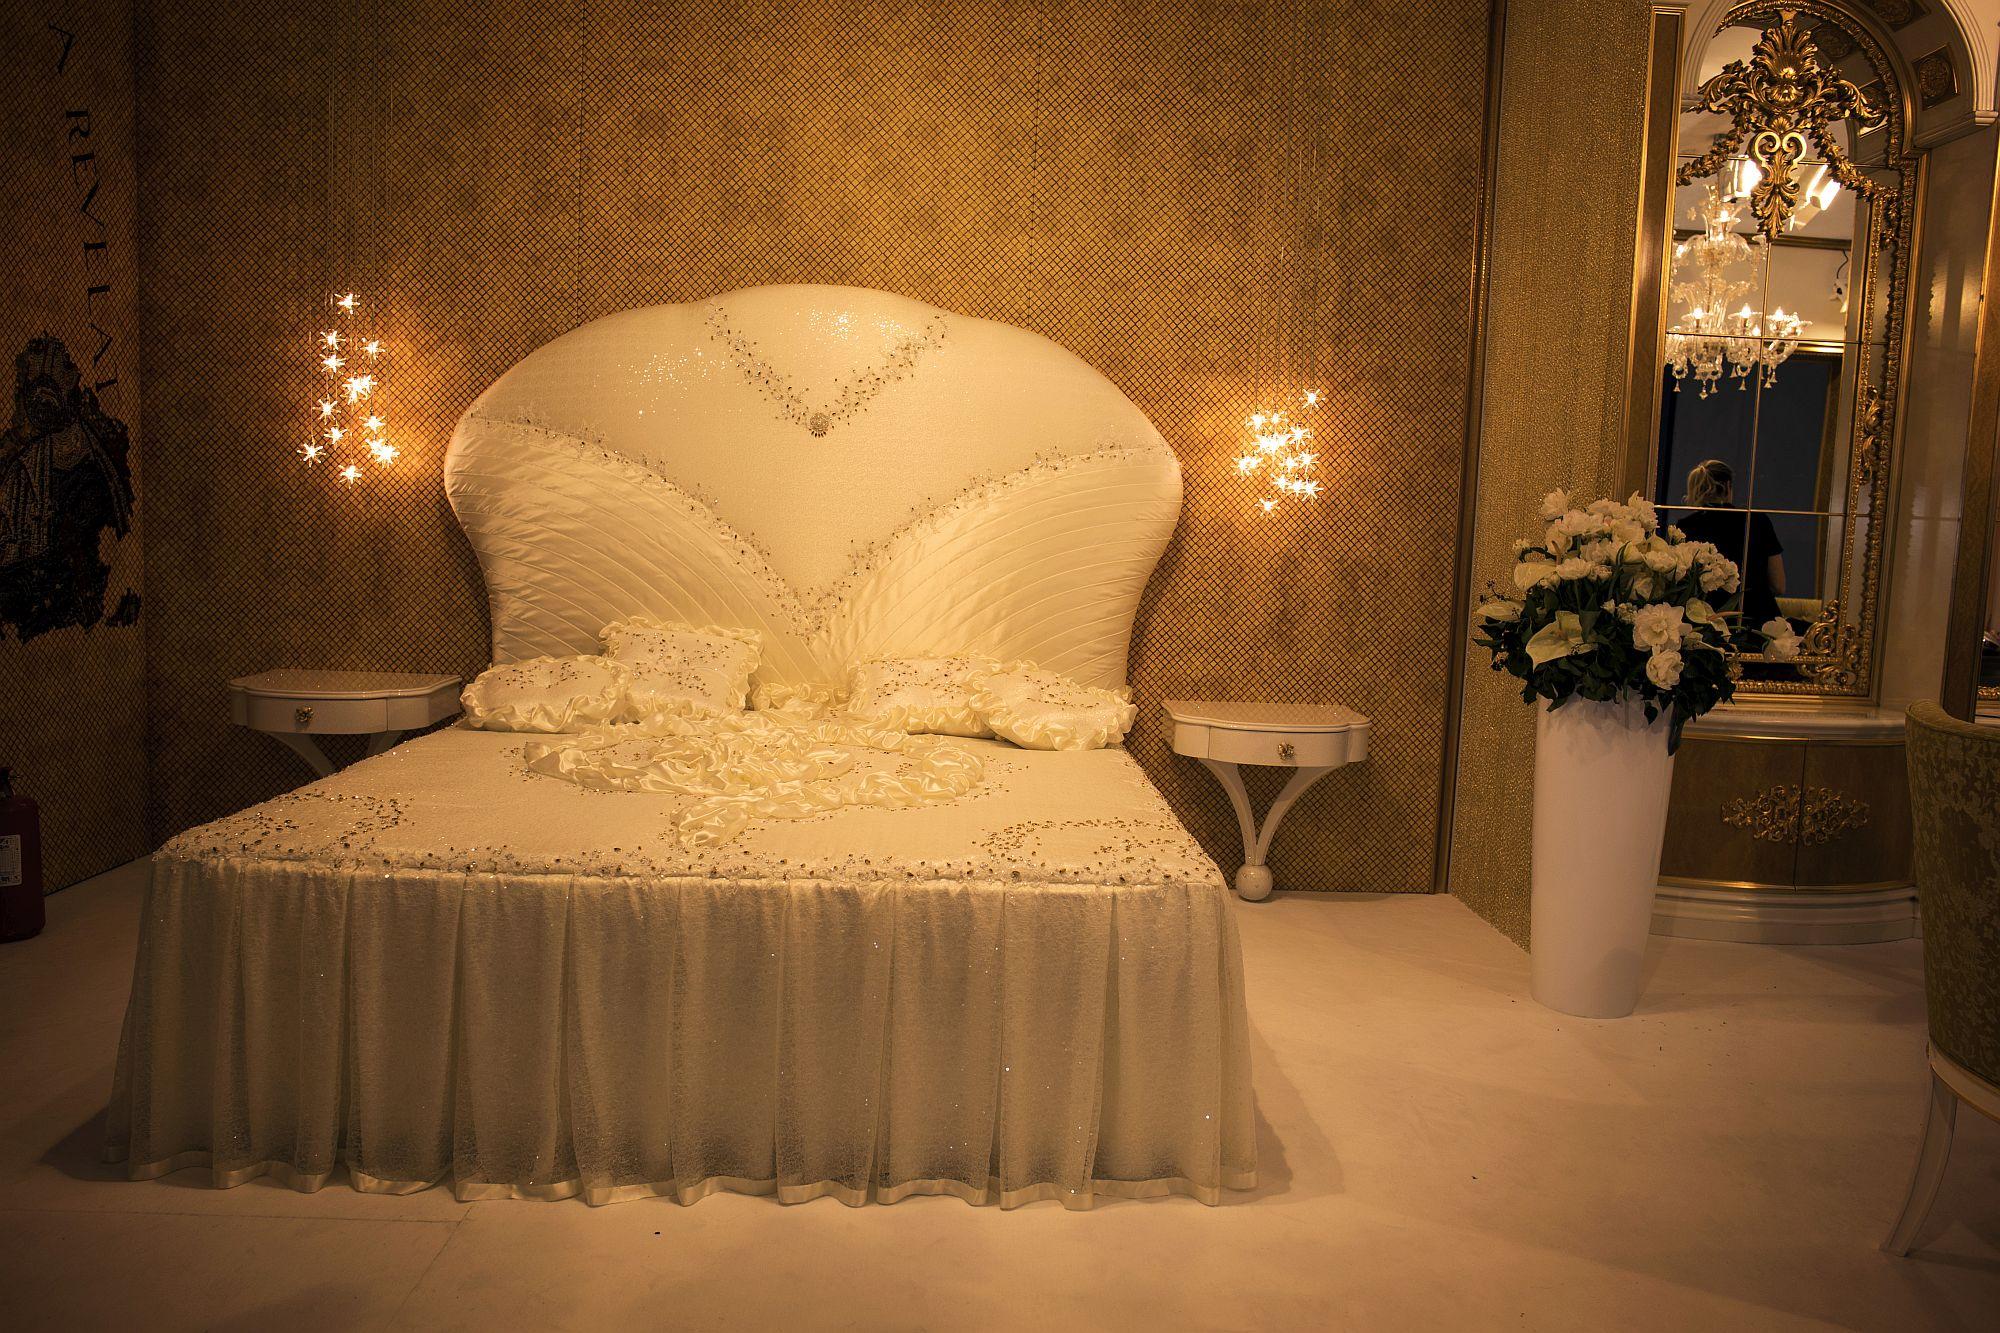 Sparkling-bedside-lights-also-save-up-space